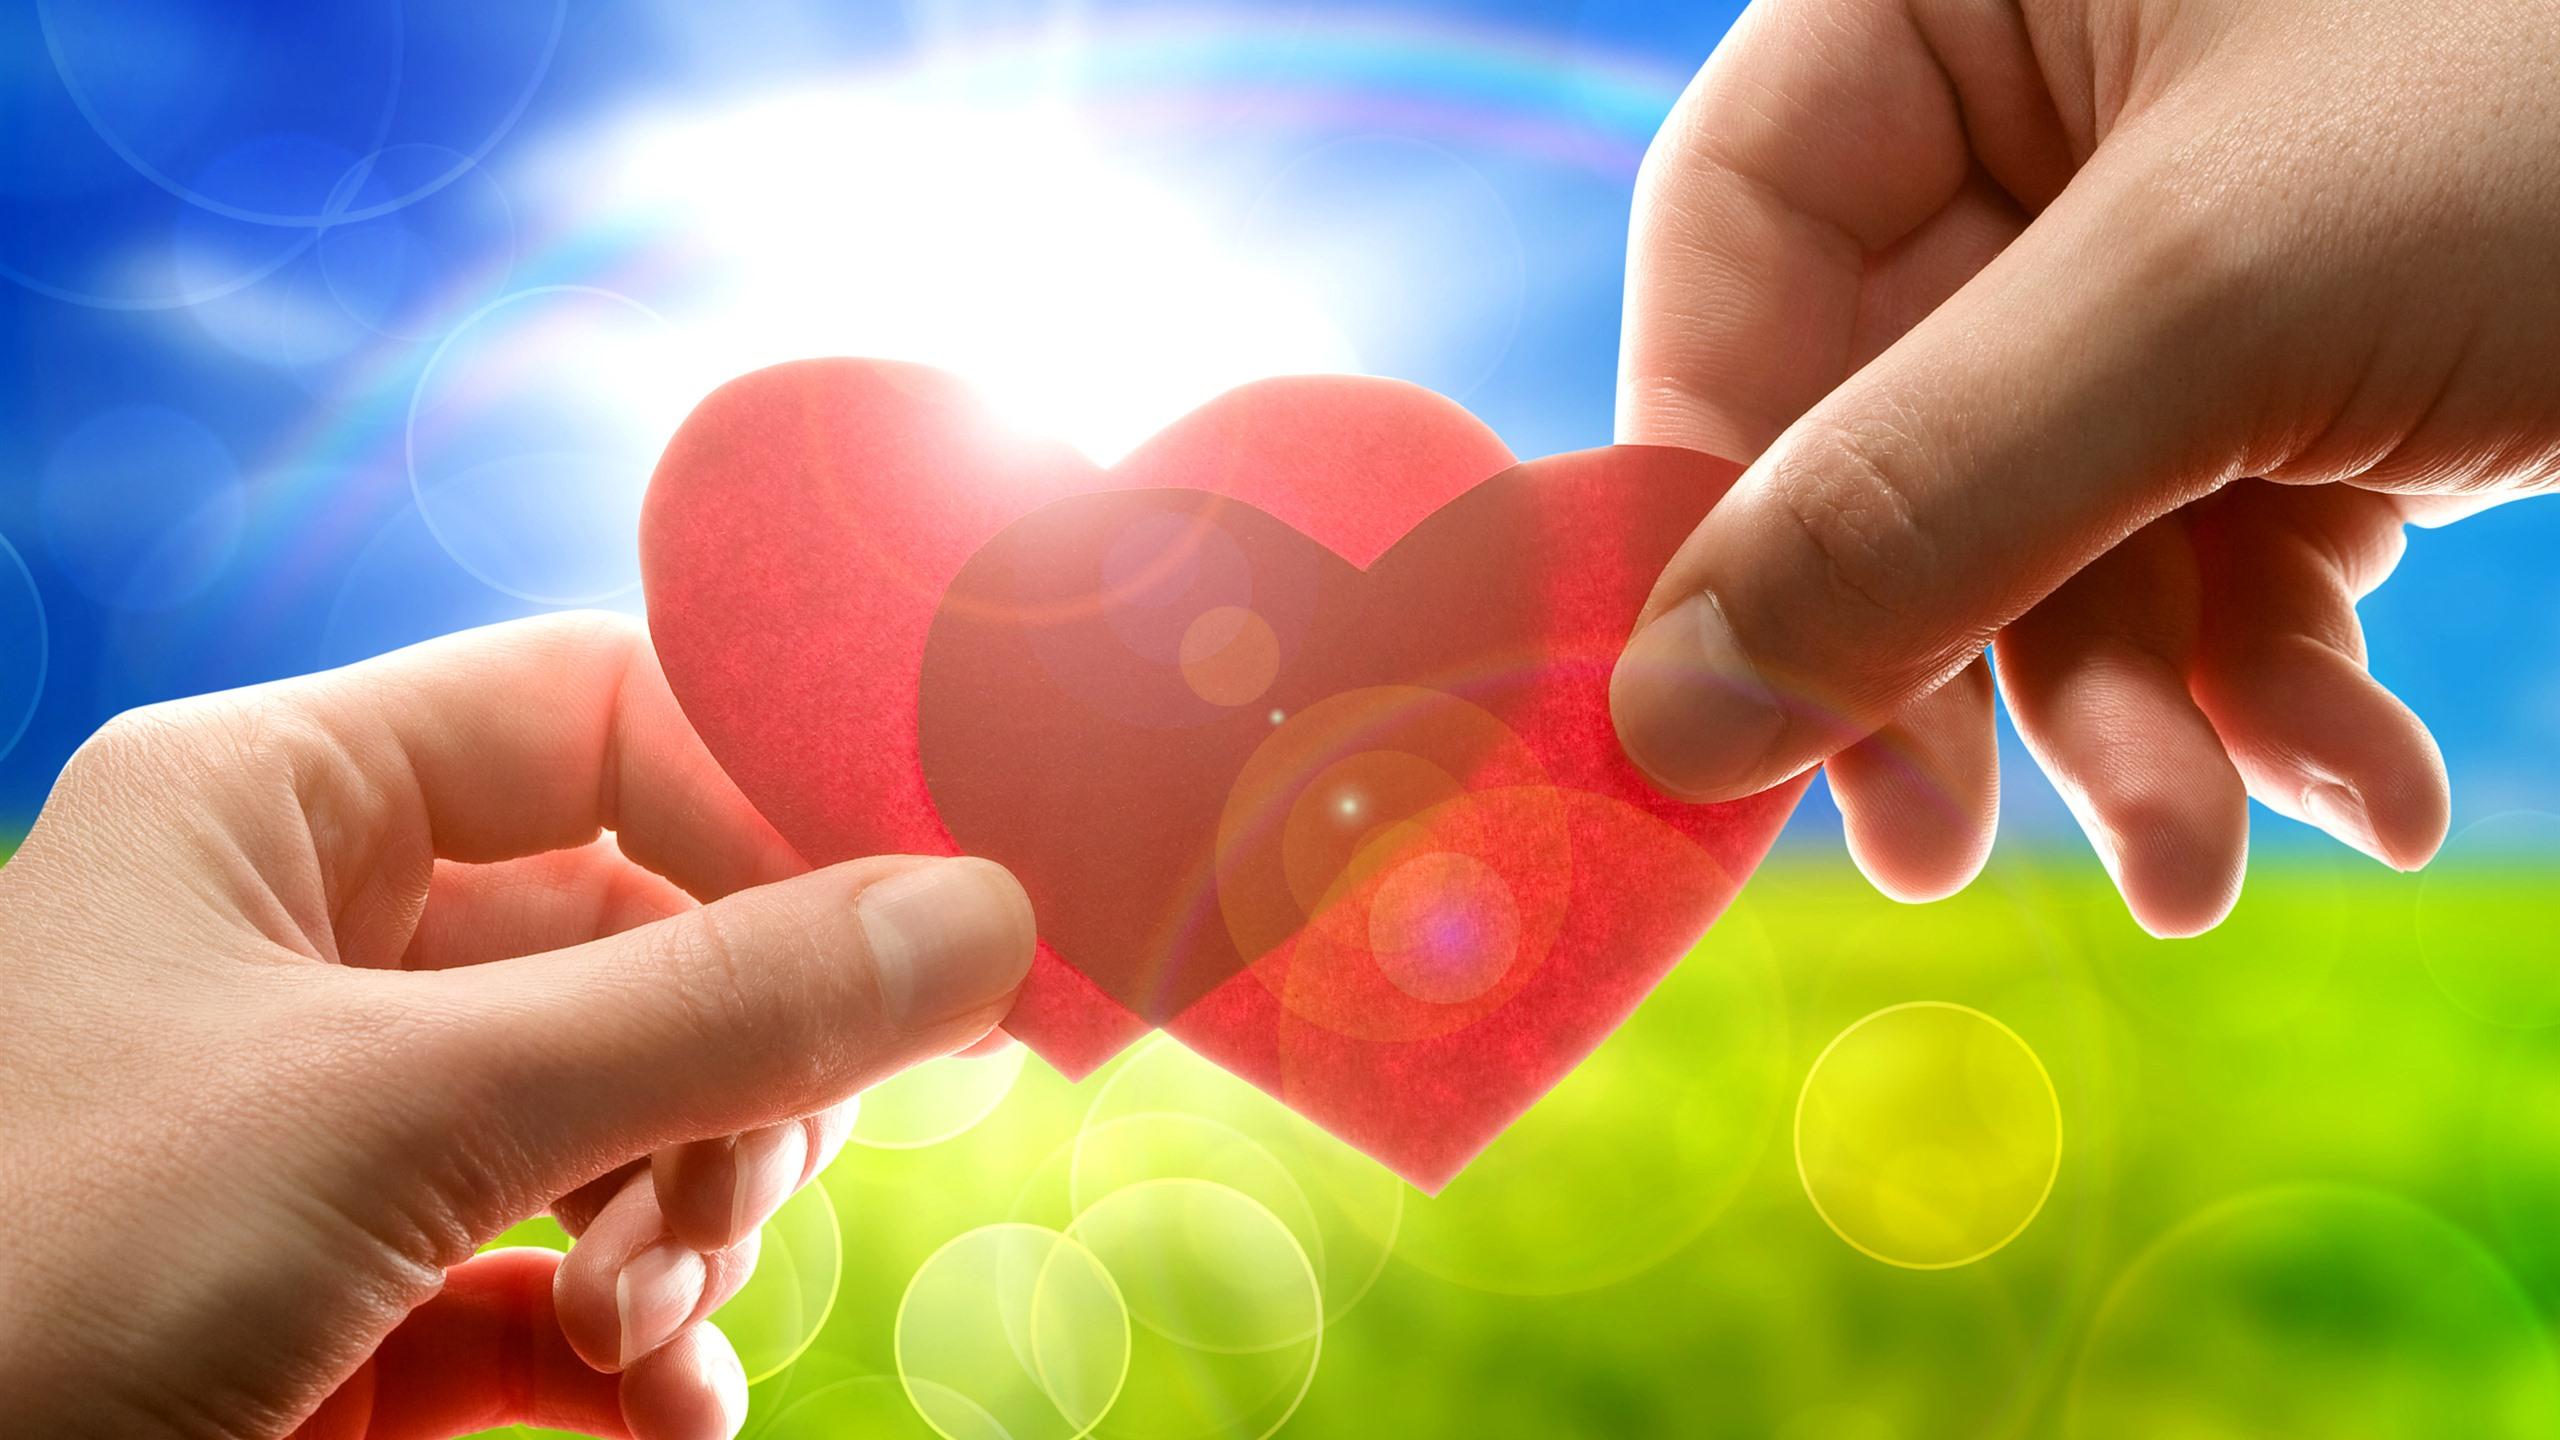 Картинка радость большие два сердца